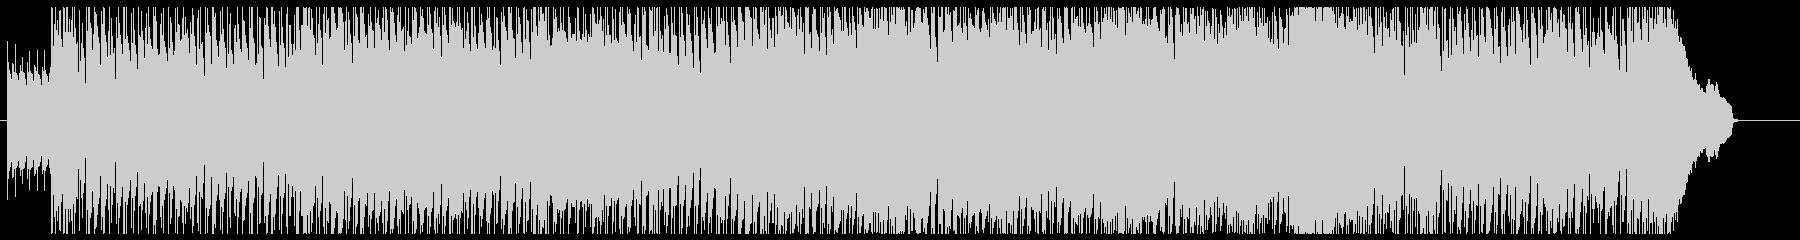 ホームビデオに最適なオープニング用BGMの未再生の波形